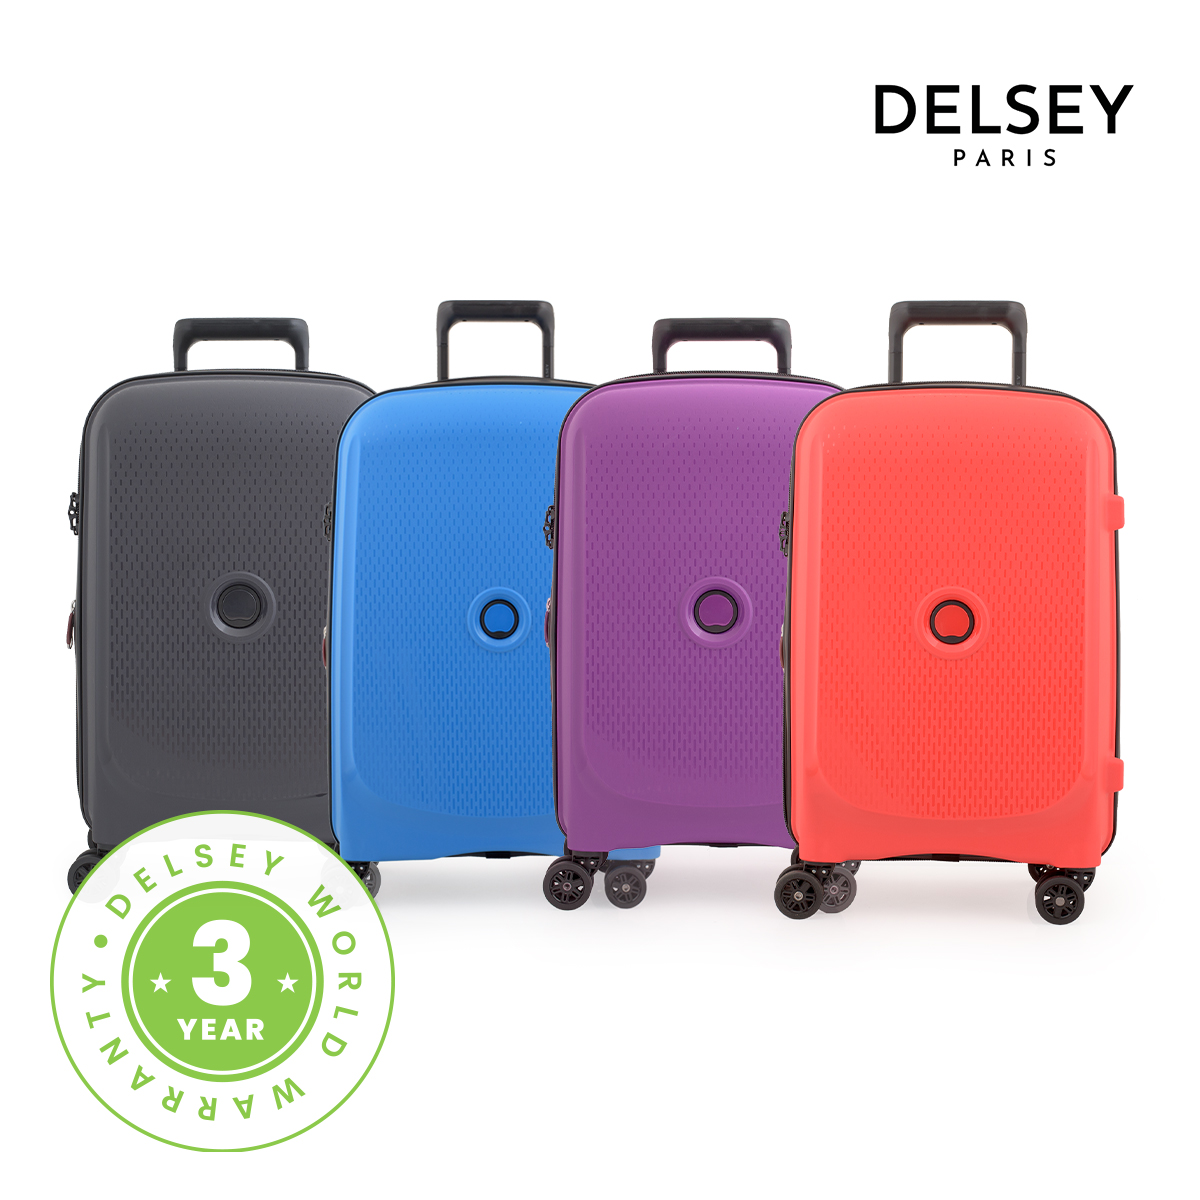 [델시]DELSEY - 벨몽트 플러스 55/20형 기내용 여행용캐리어 하드캐리어